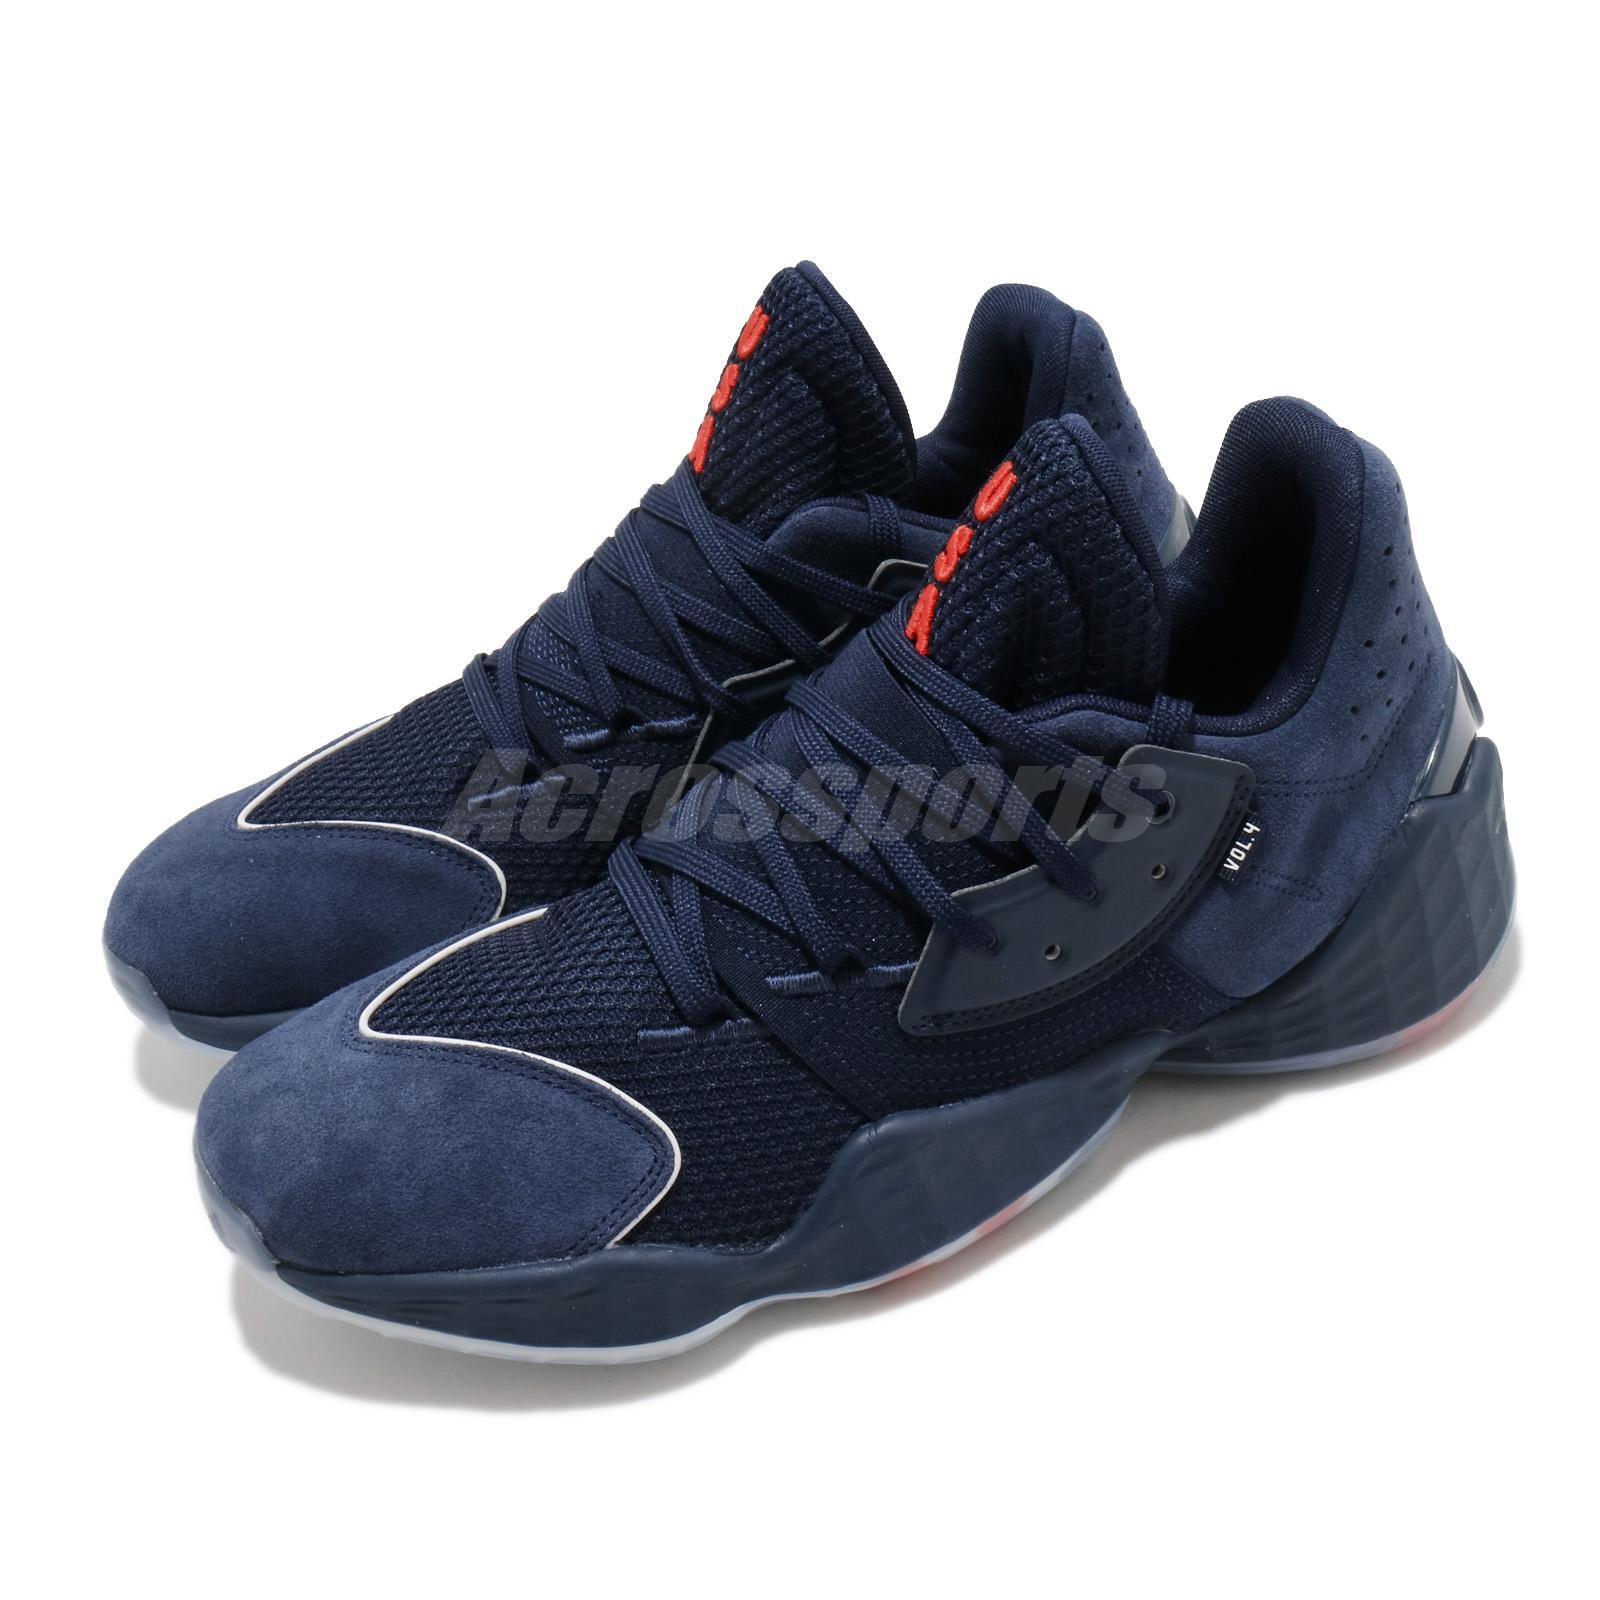 Químico tubería Vista  adidas Harden Vol.4 GCA IV James USA Navy Blue Men Basketball Shoes FY0870  | eBay